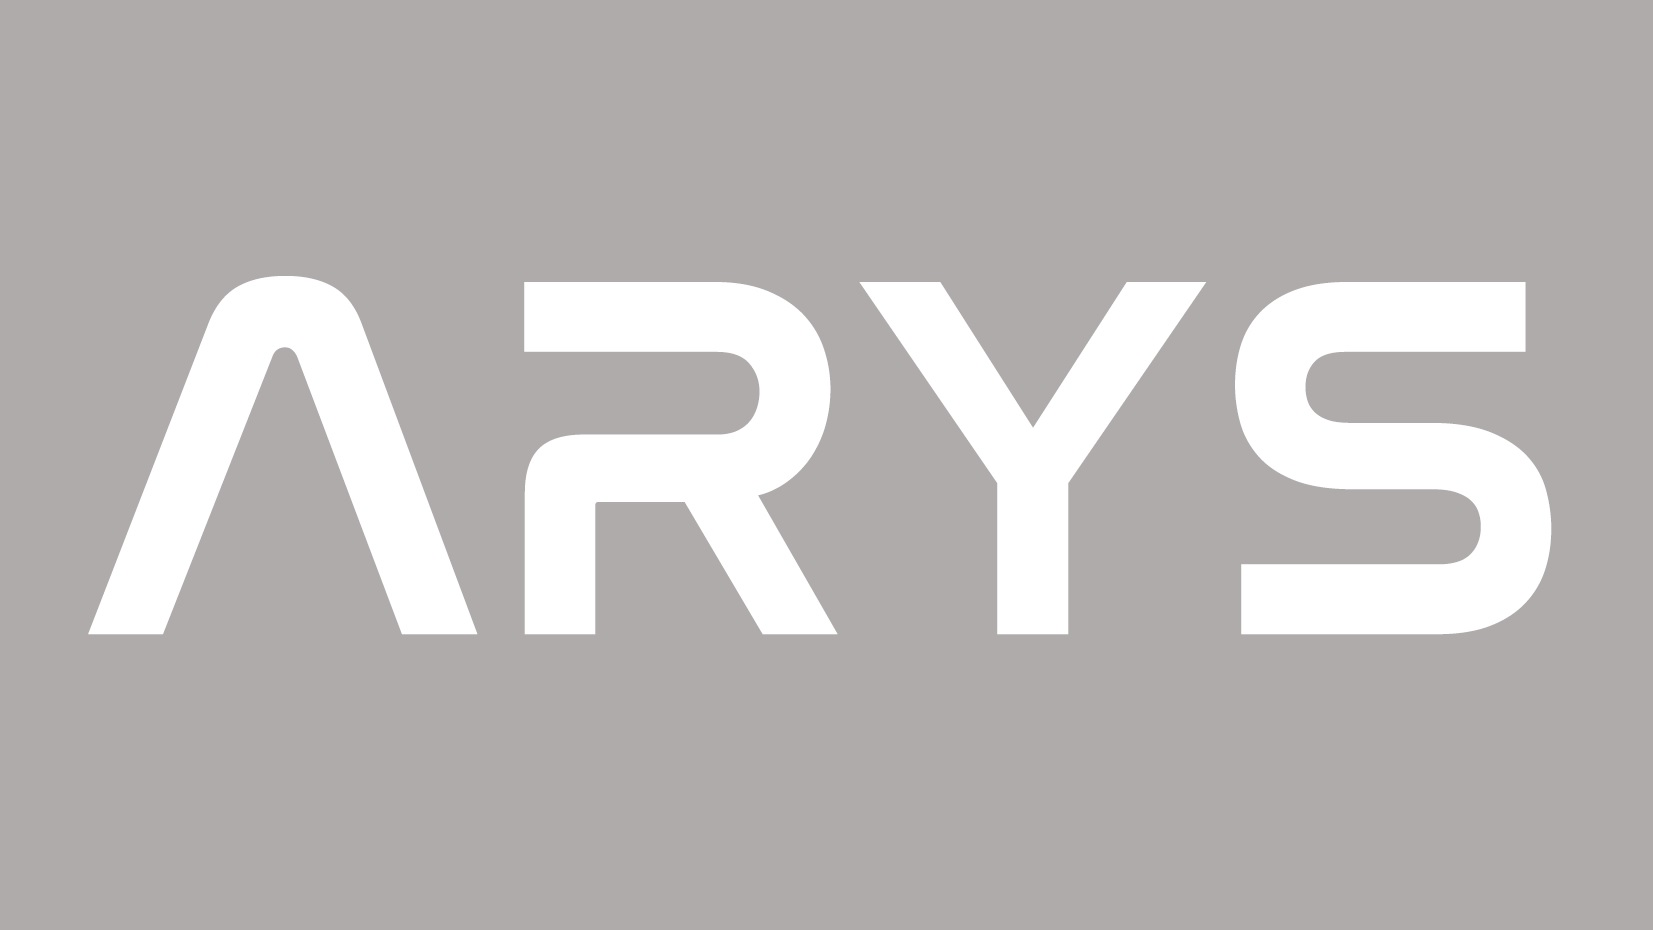 ARYS' logo